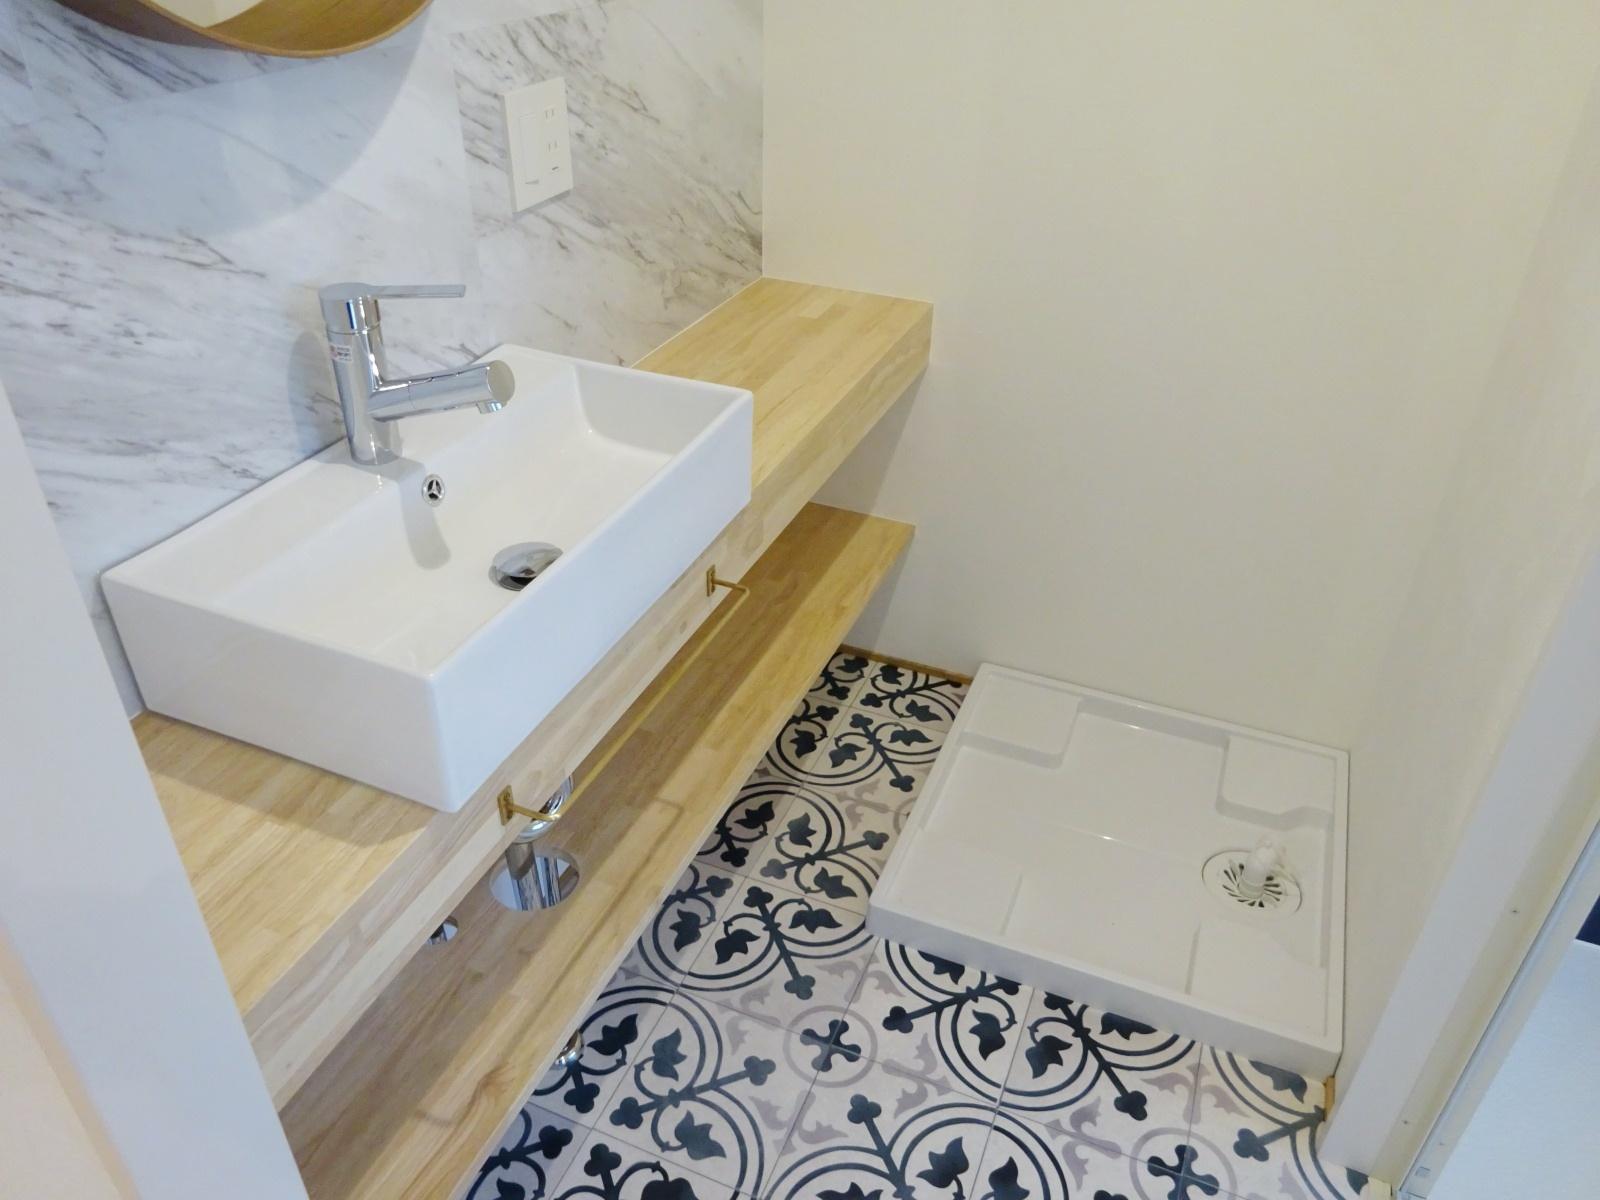 洗濯機も洗面スペースに